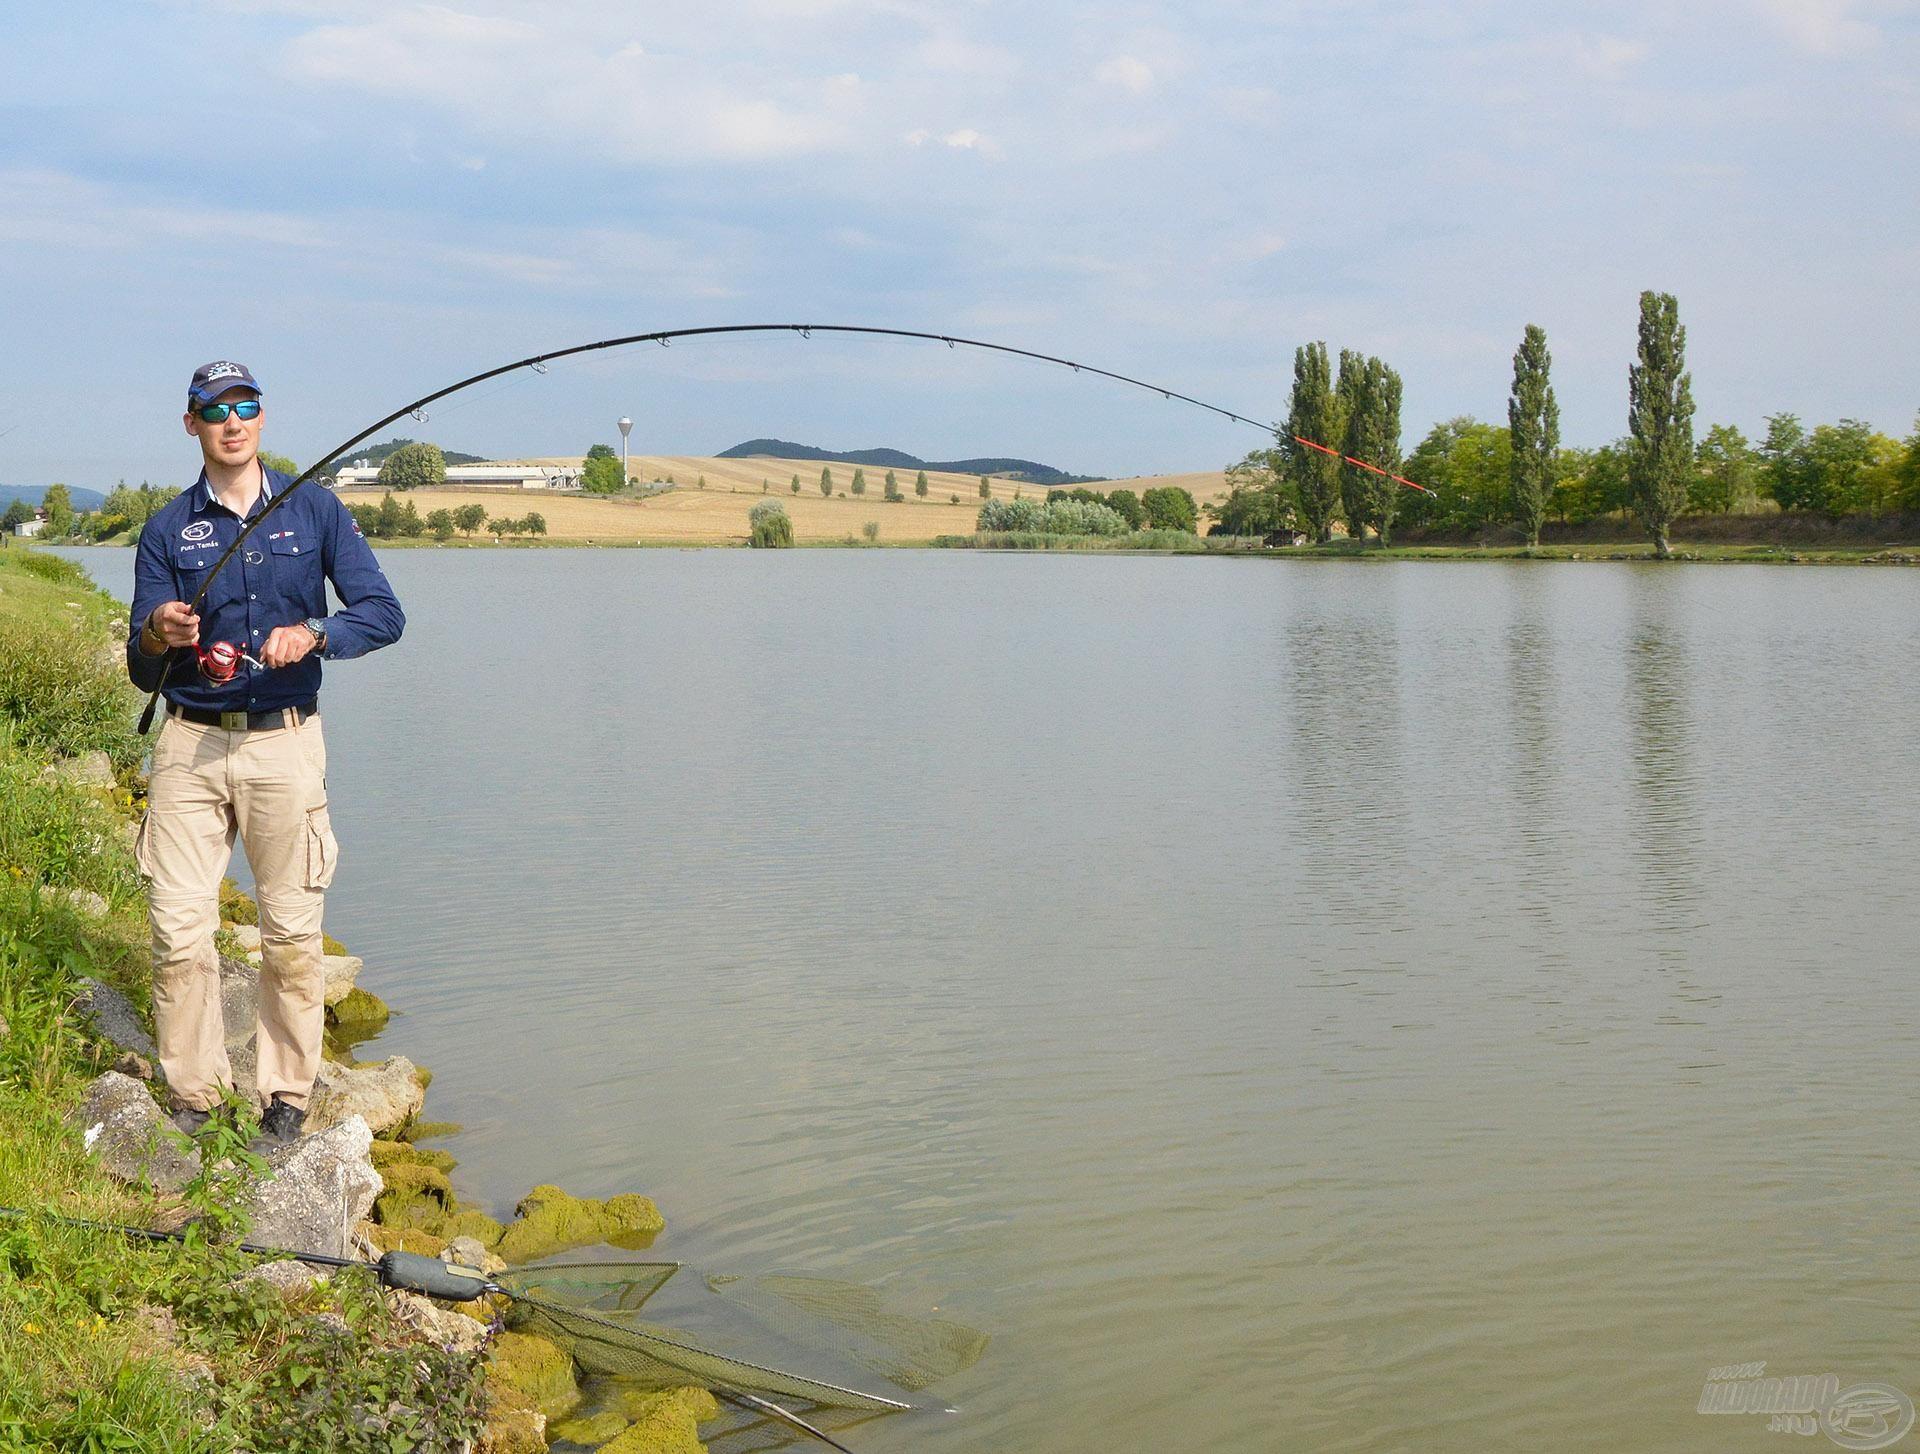 Gyakran akkor is meghozza a kapást, amikor a kényesen táplálkozó halak közt más kombinációk épp nem találnak gazdára